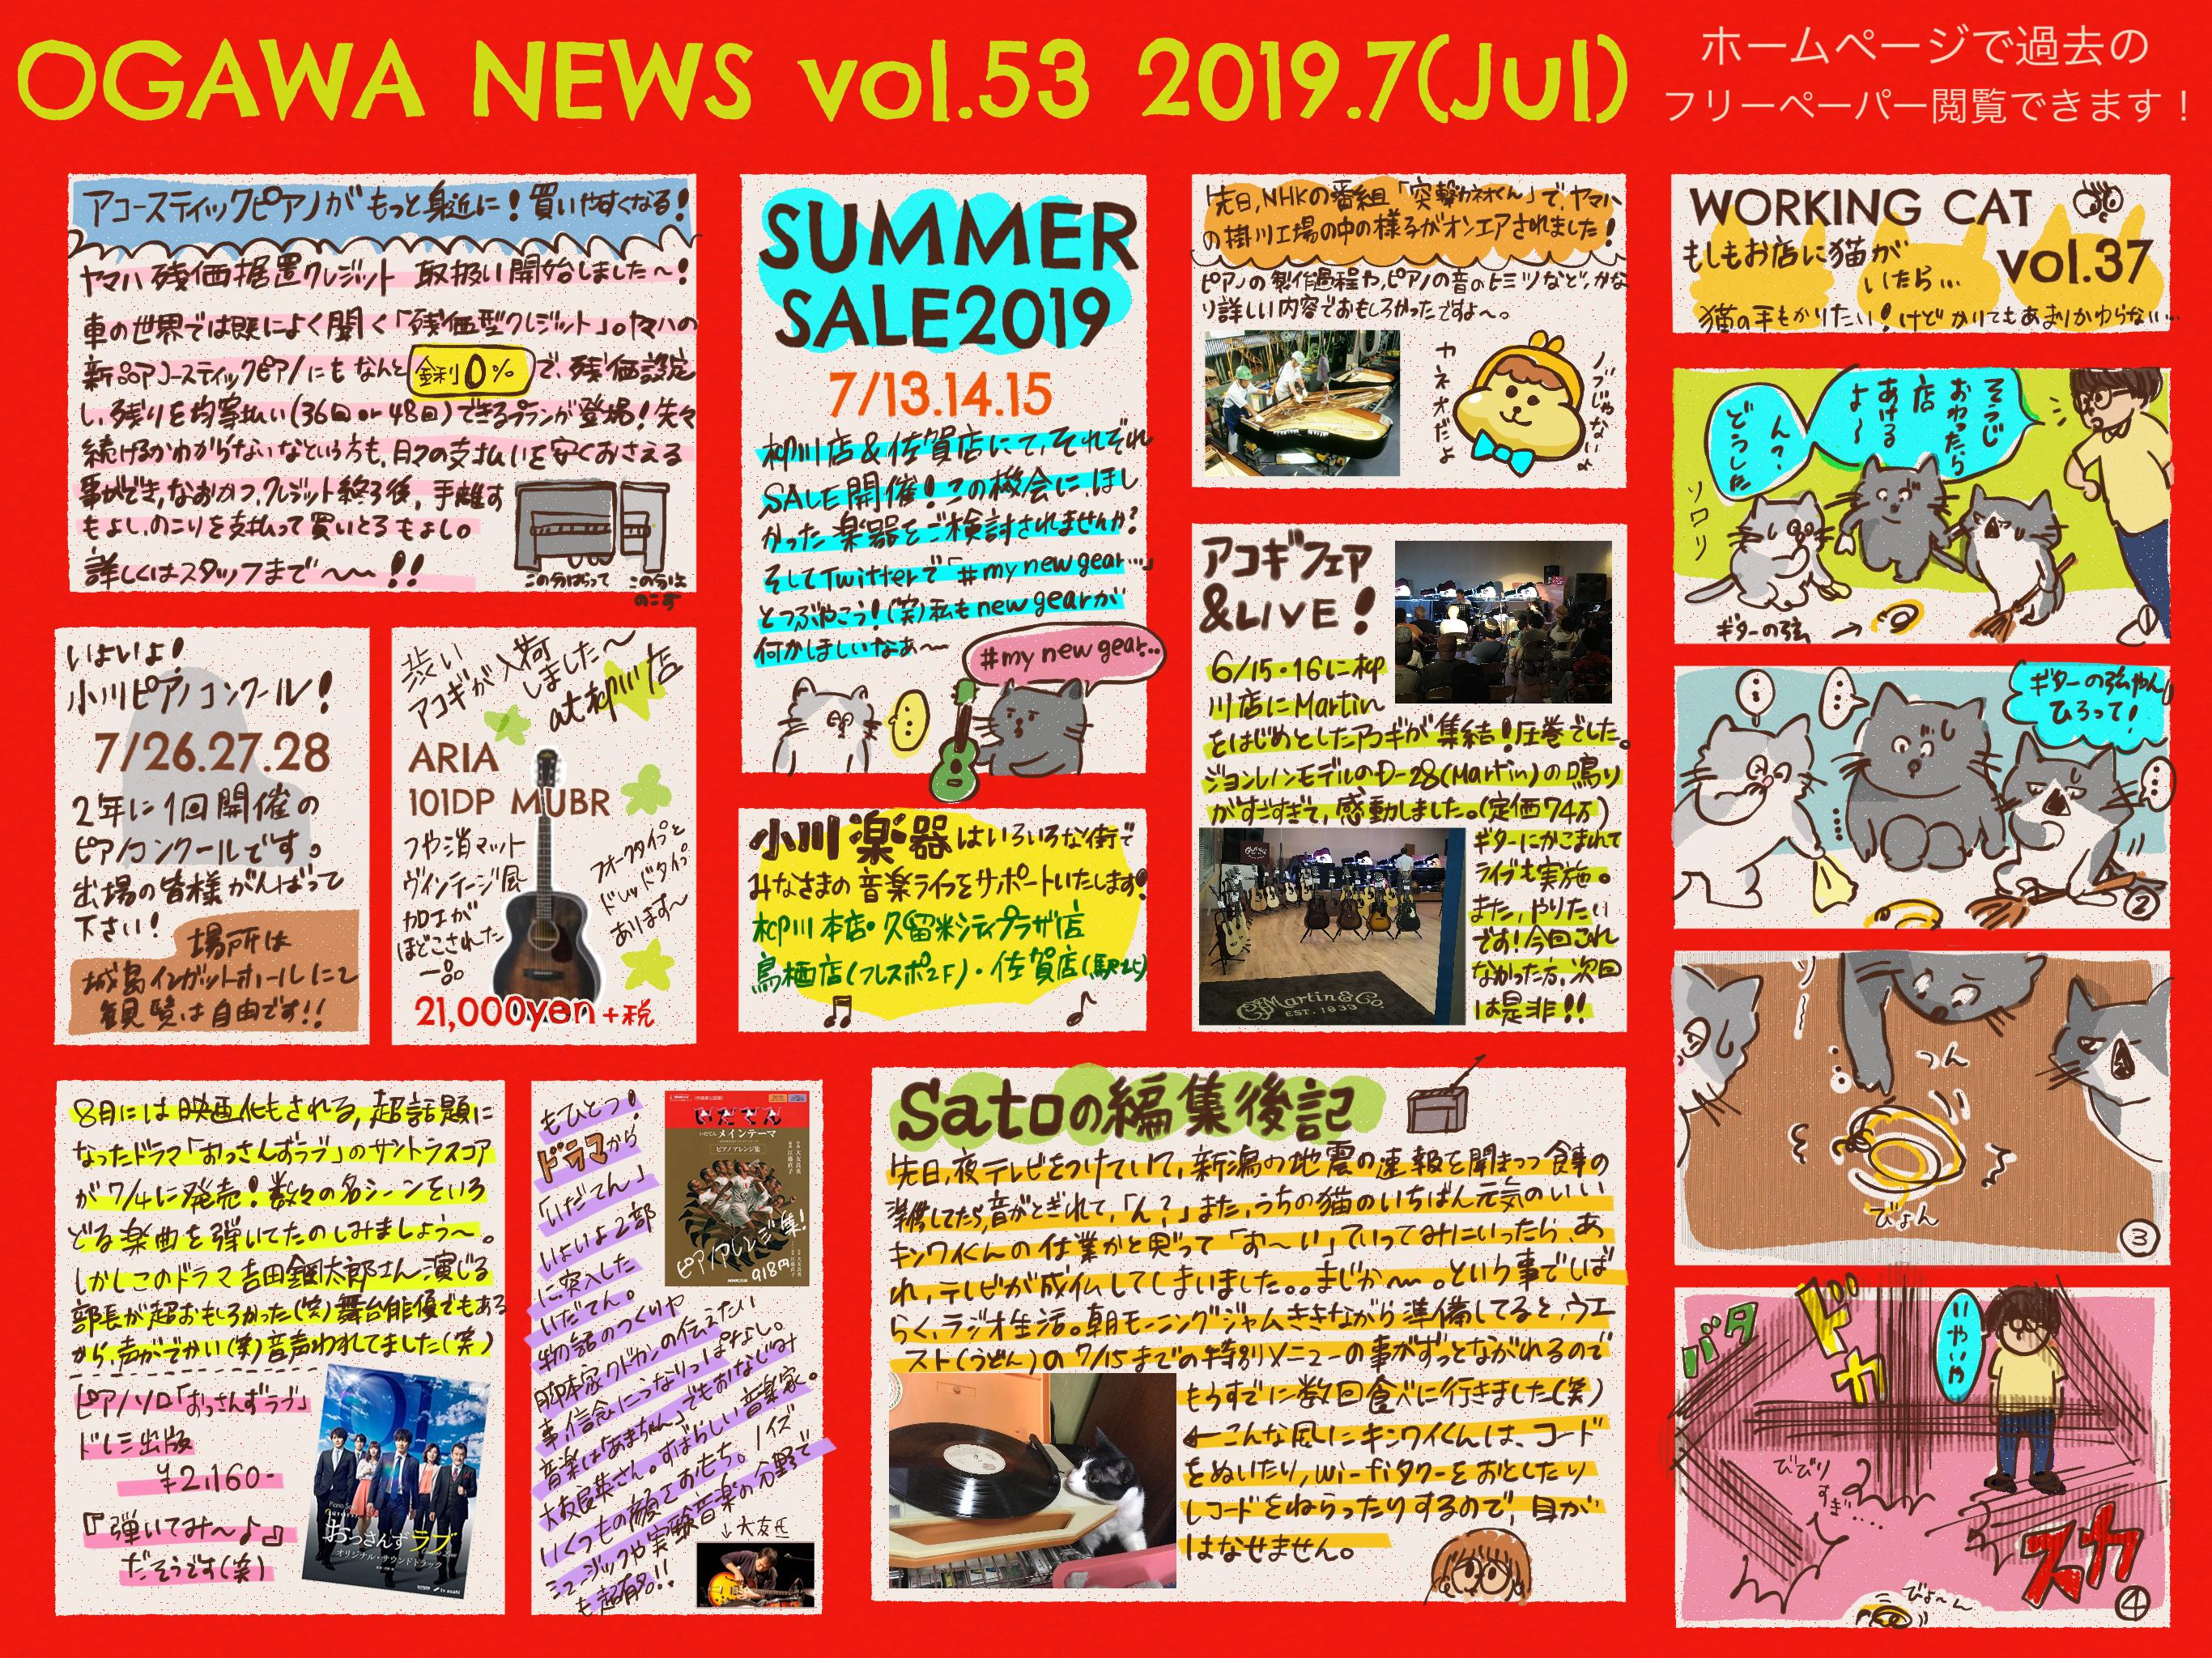 【柳川・佐賀店フリーペーパー】vol.53 2019年7月号